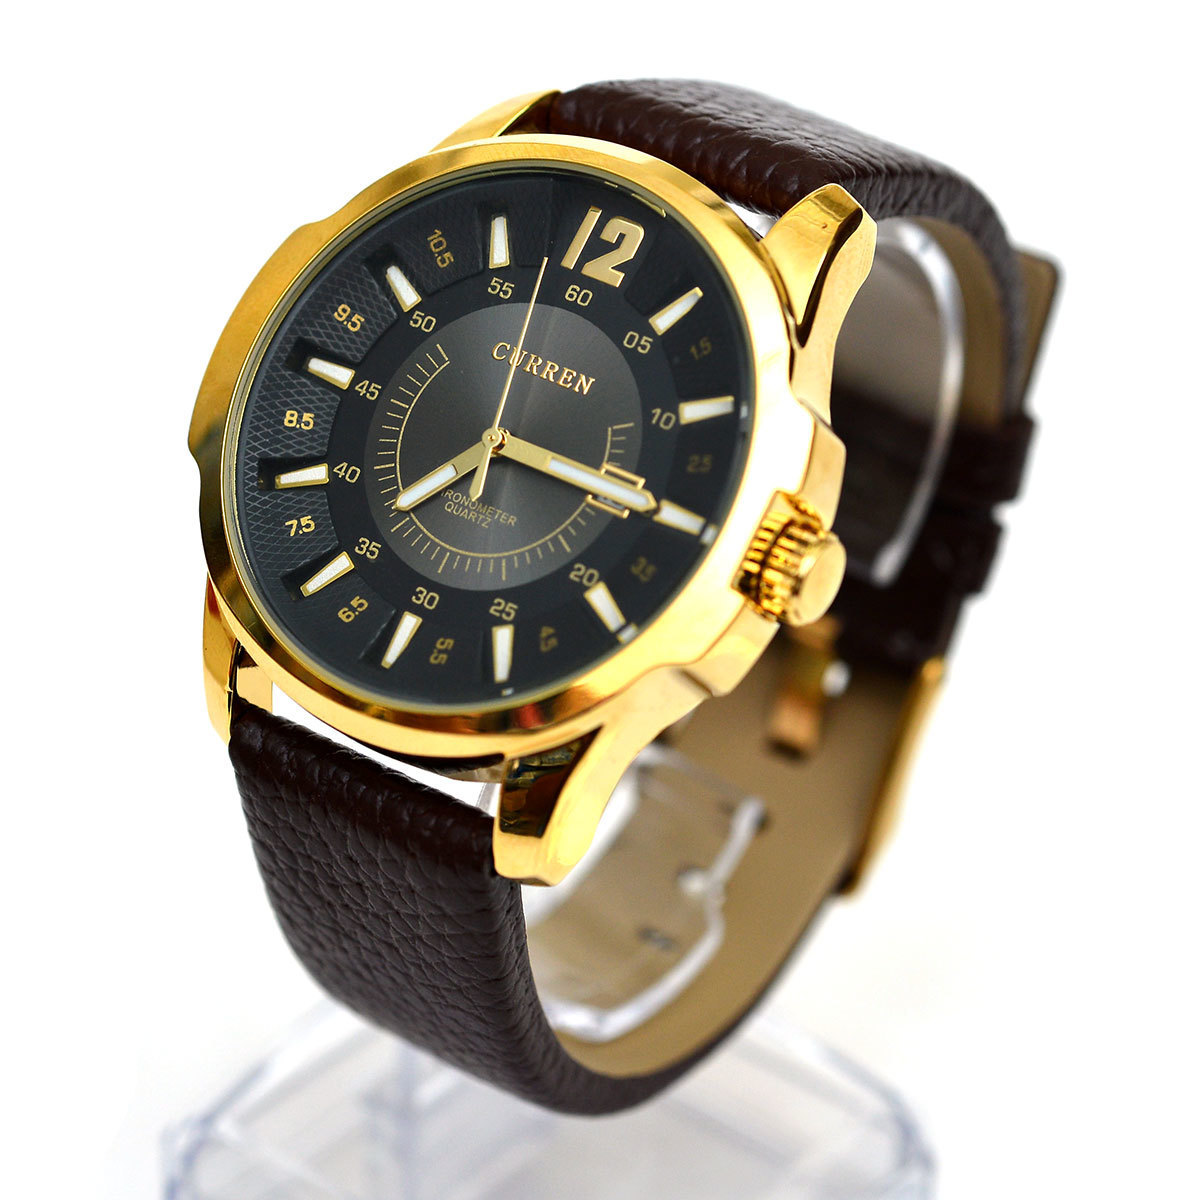 Cửa hàng bán Đồng hồ nam dây da Curren (Mặt đen dây nâu)